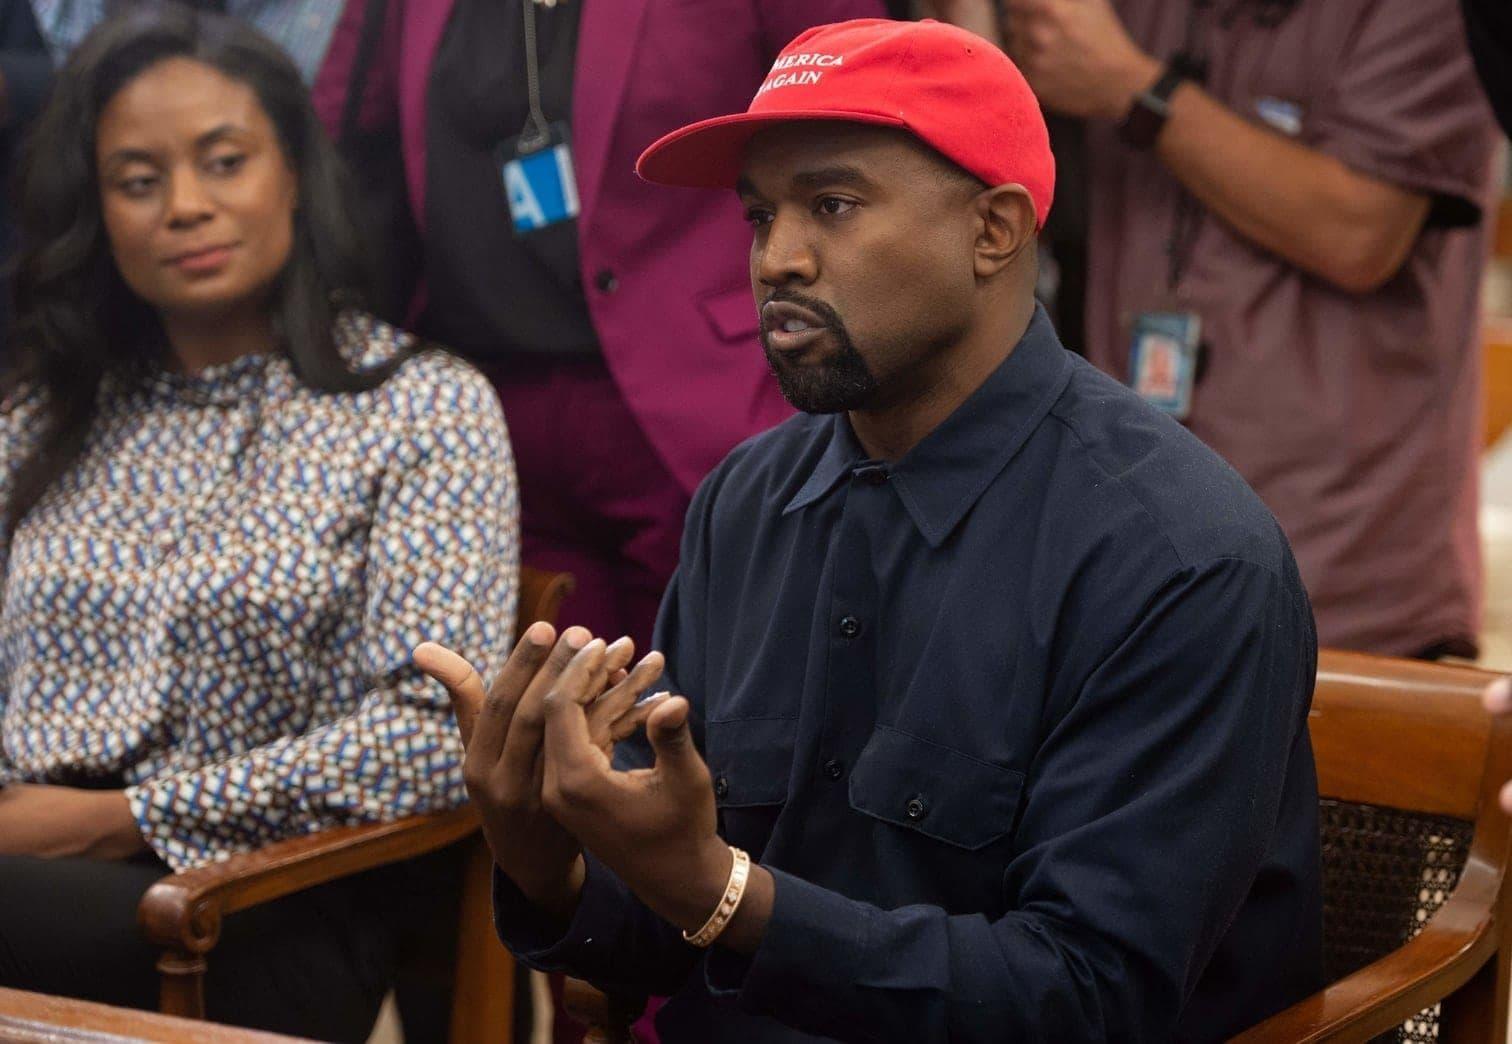 <p>Selbst Donald Trump war mal sprachlos: Rapper Kanye West hat mit einem skurrilen Auftritt im Weißen Haus seinem Gastgeber die Show gestohlen.</p> Foto: AFP/Saul Loeb